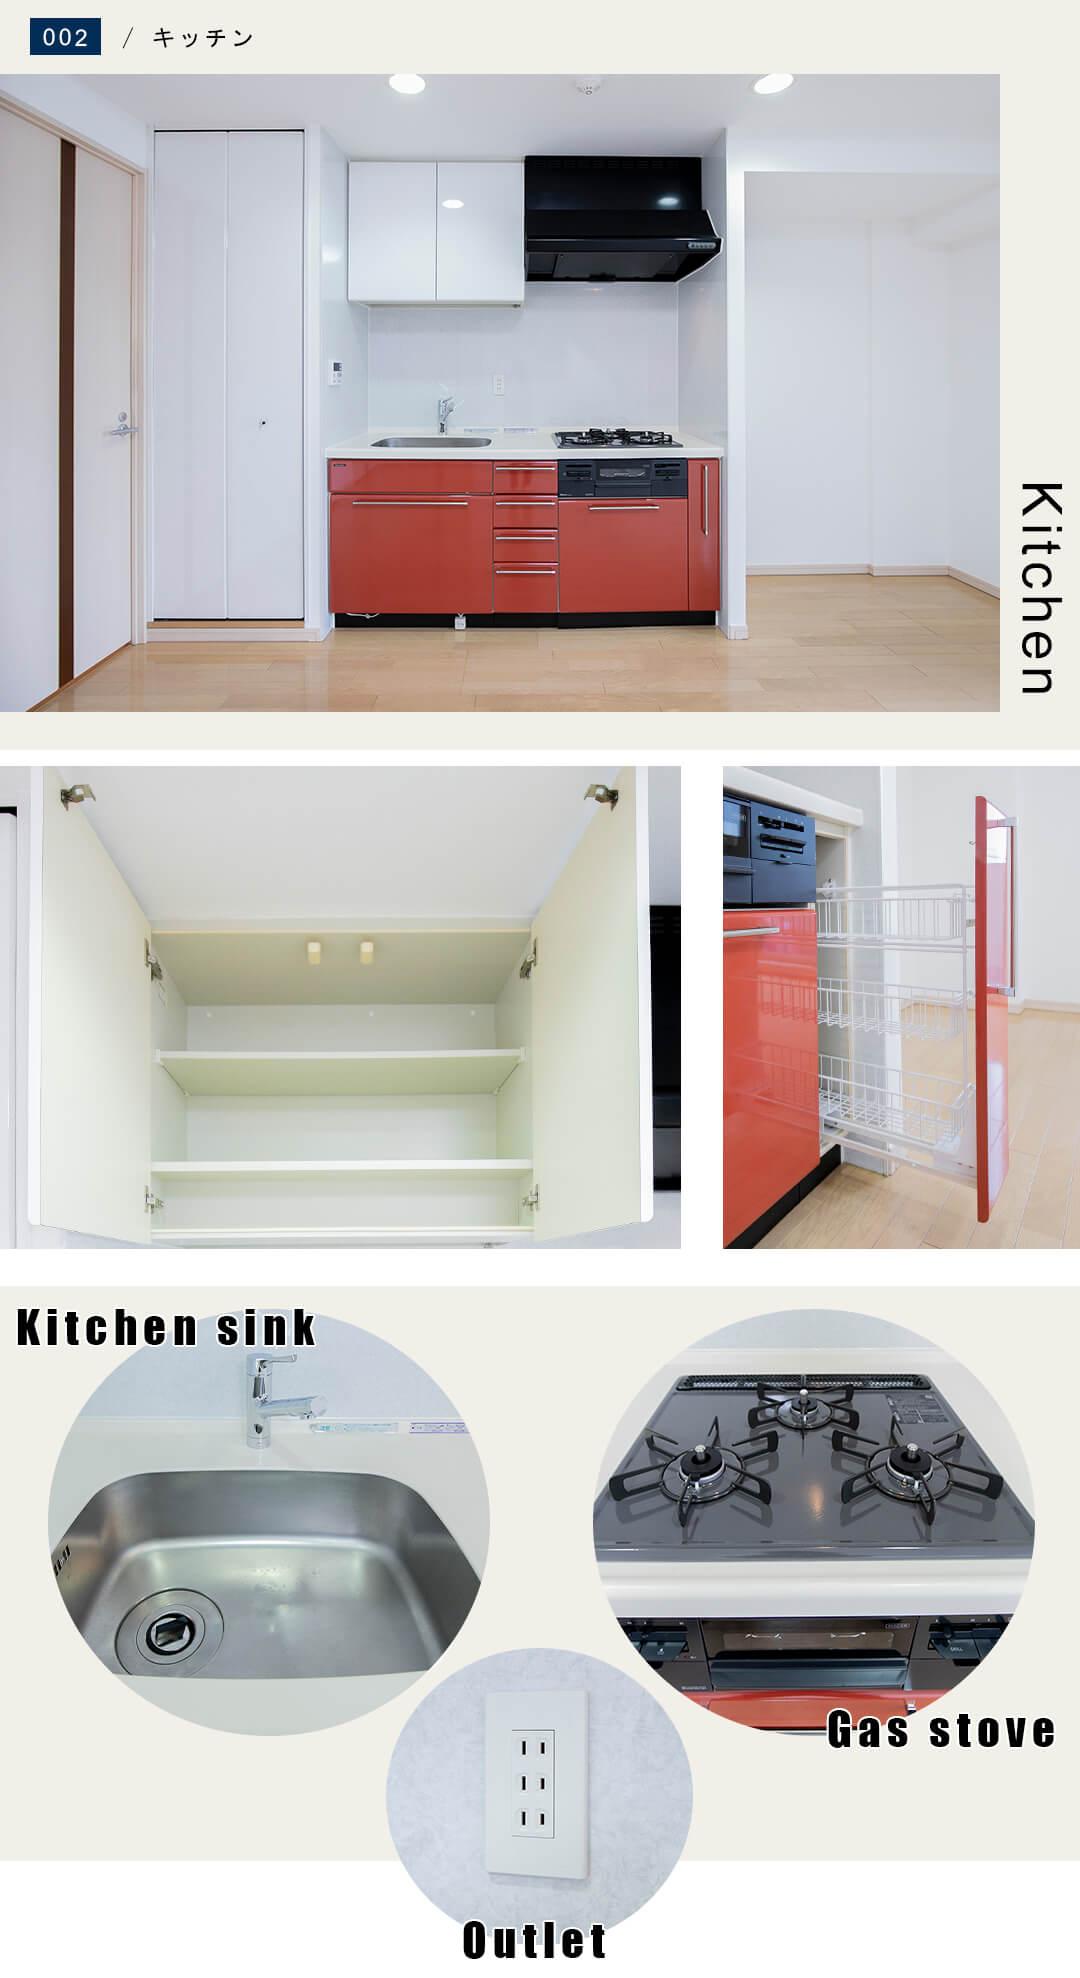 イトーピアマイズ池袋のキッチン